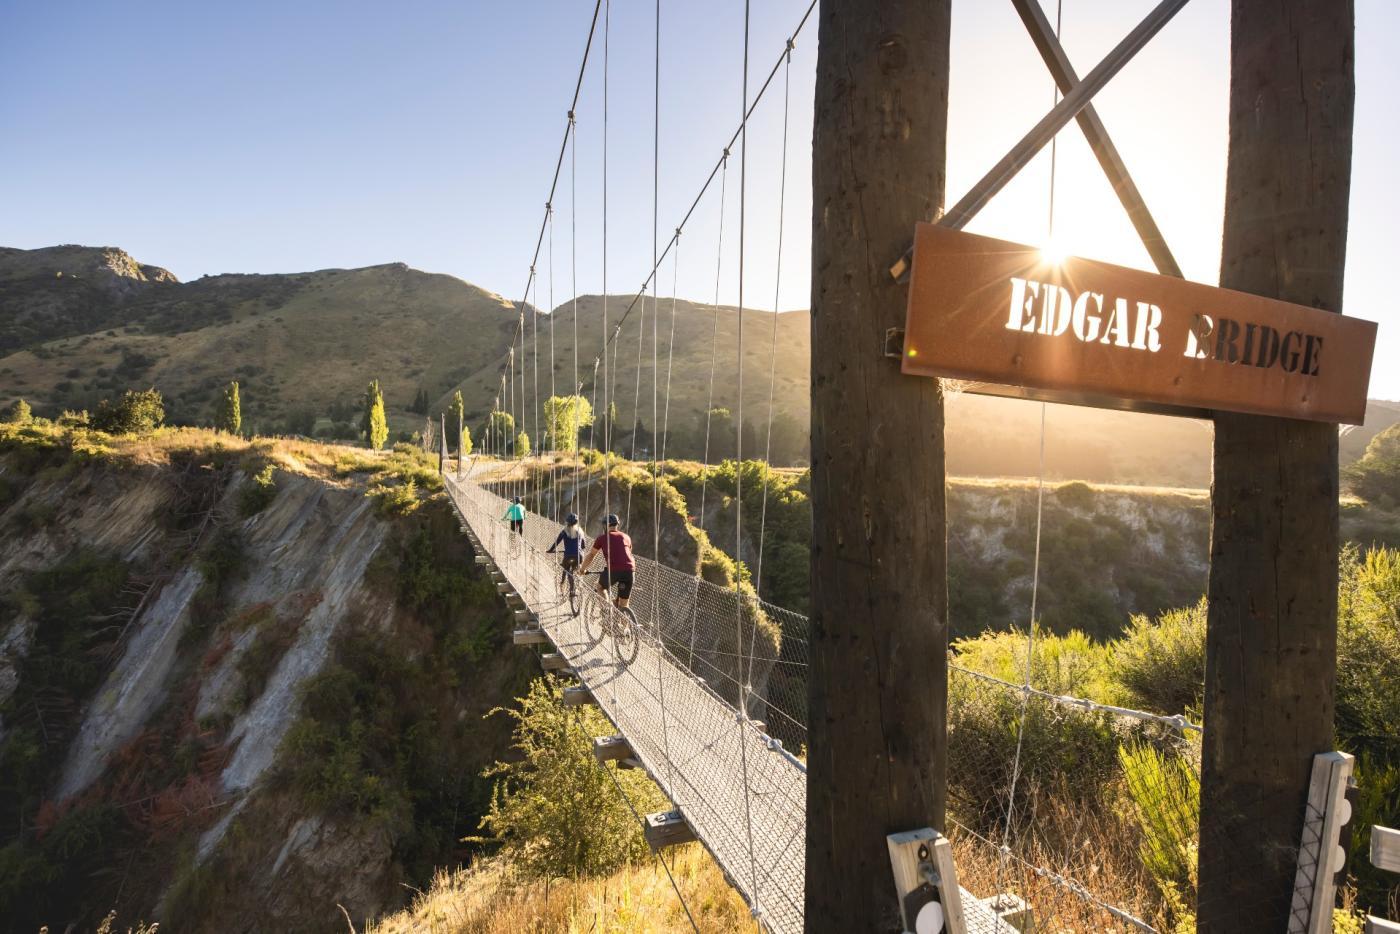 Biking over the Edgar Bridge, Arrow River Bridges Trail